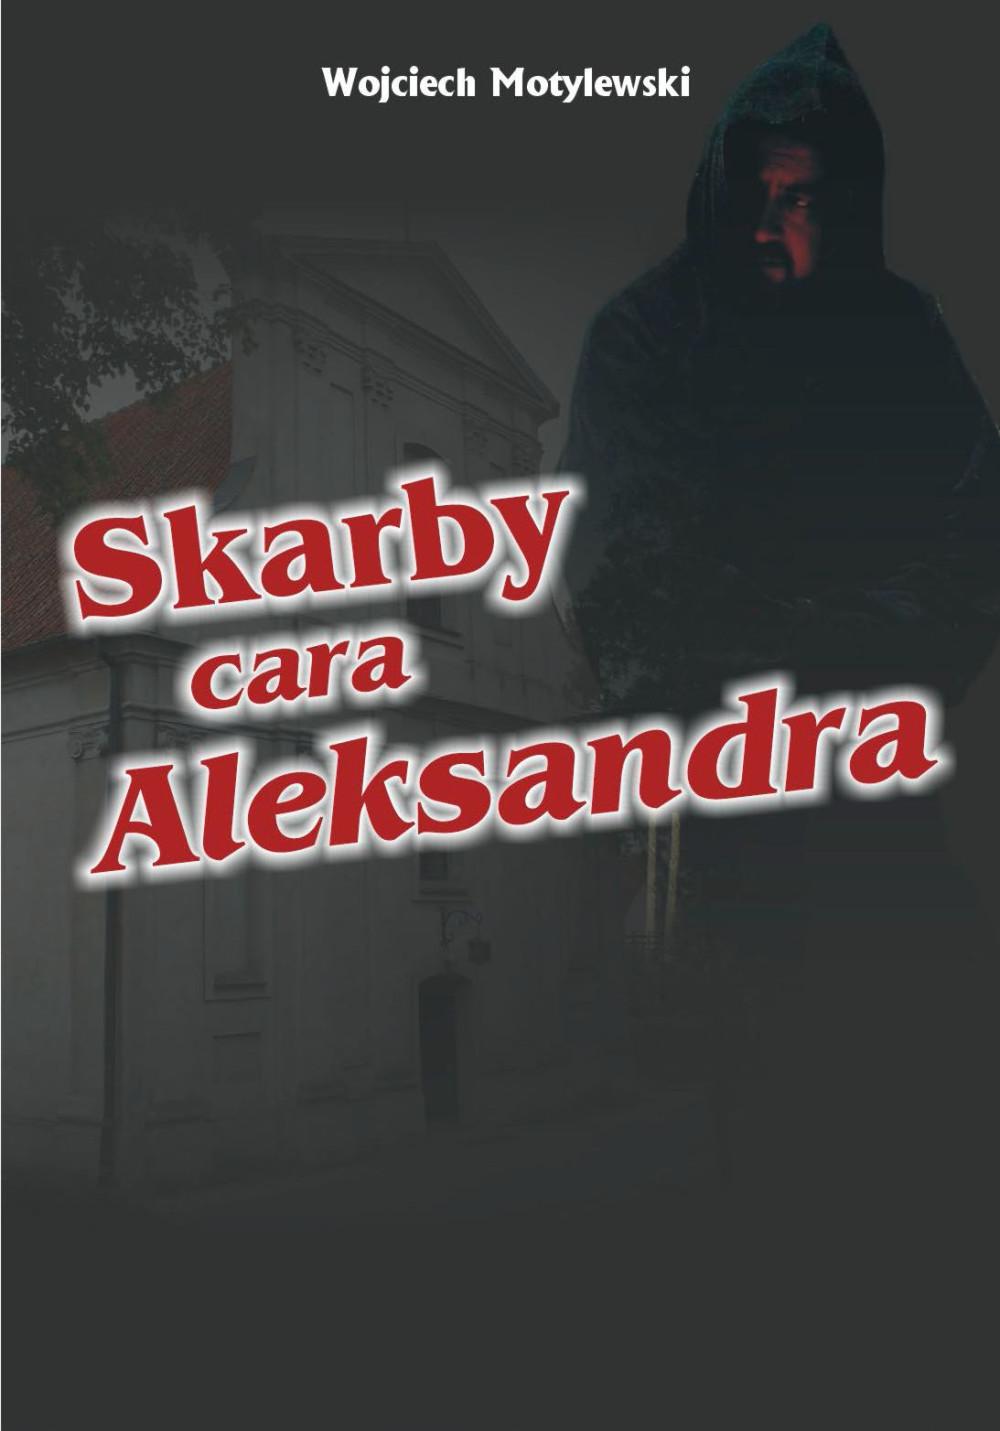 :: Skarby cara Aleksandra - e-book ::